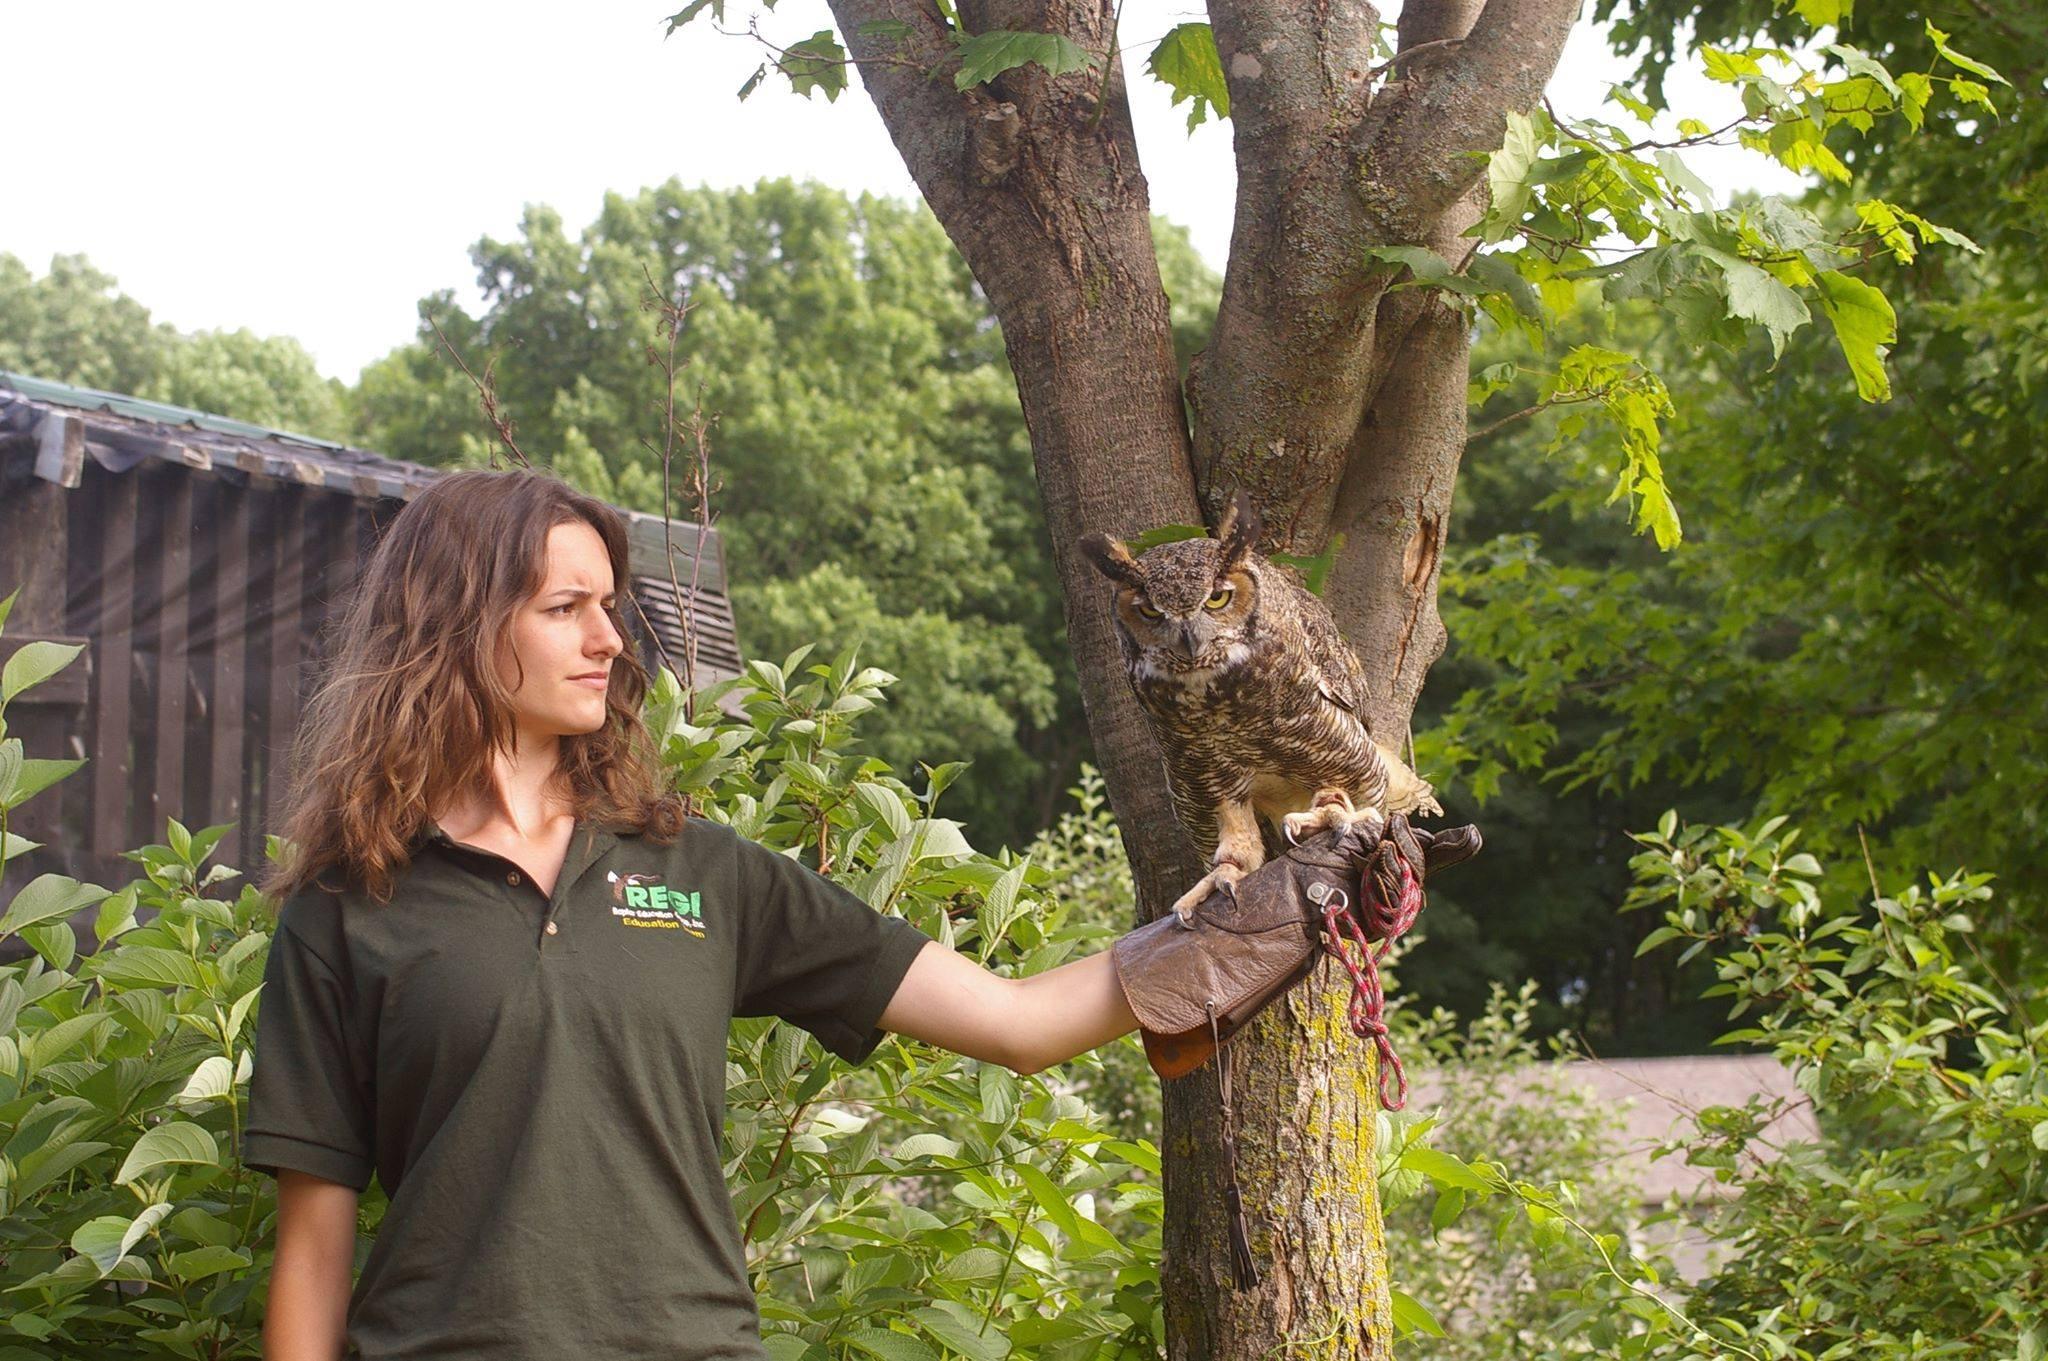 Brenna DeNamur (UW-Madison) demonstrates the amazing camouflage on owls